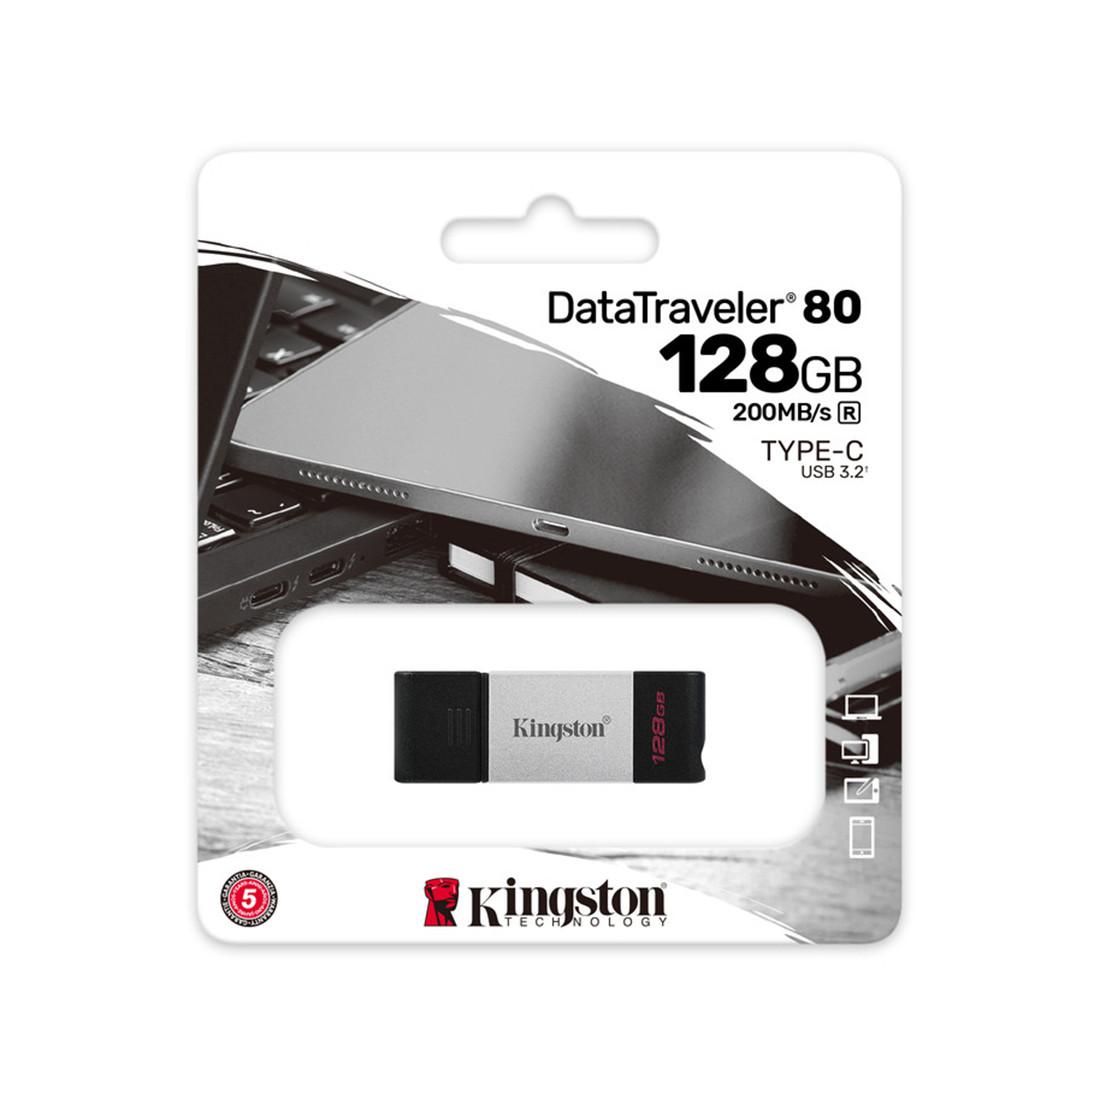 USB-накопитель Kingston DT80/128GB 128GB Серебристый